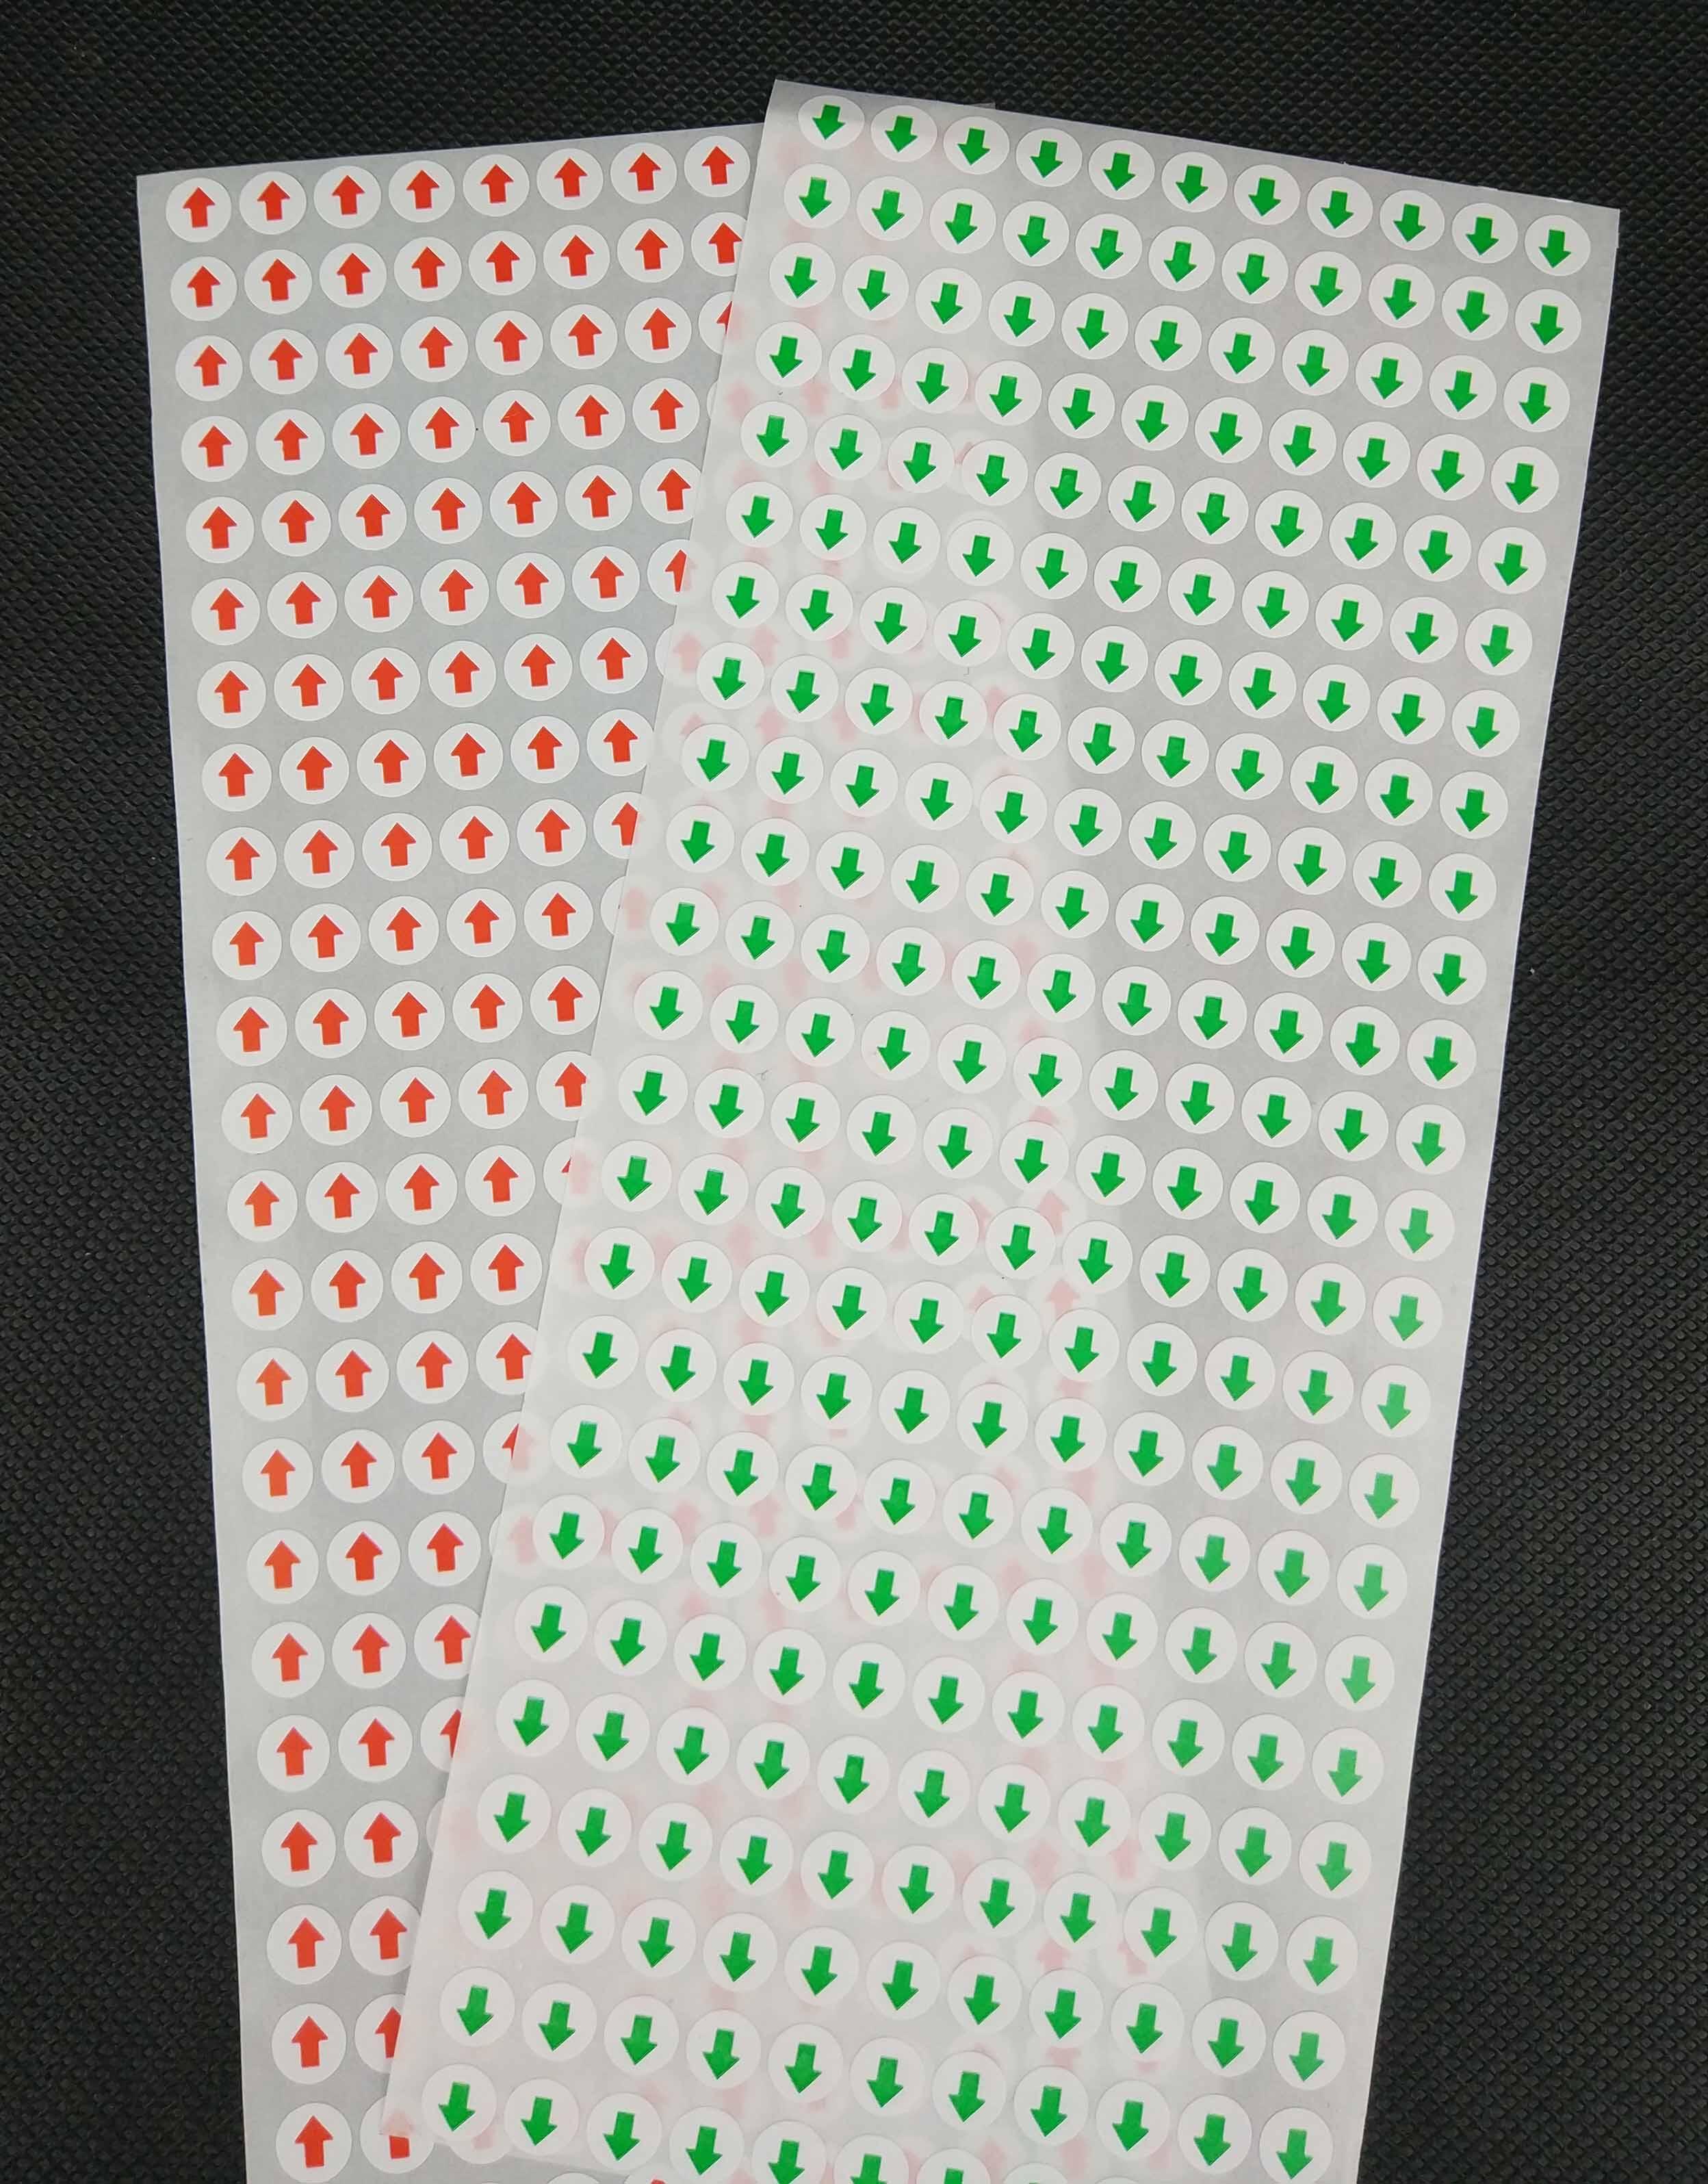 圆形 红色 绿色箭头不干胶标签次品不良品不合格返修返工记号贴纸